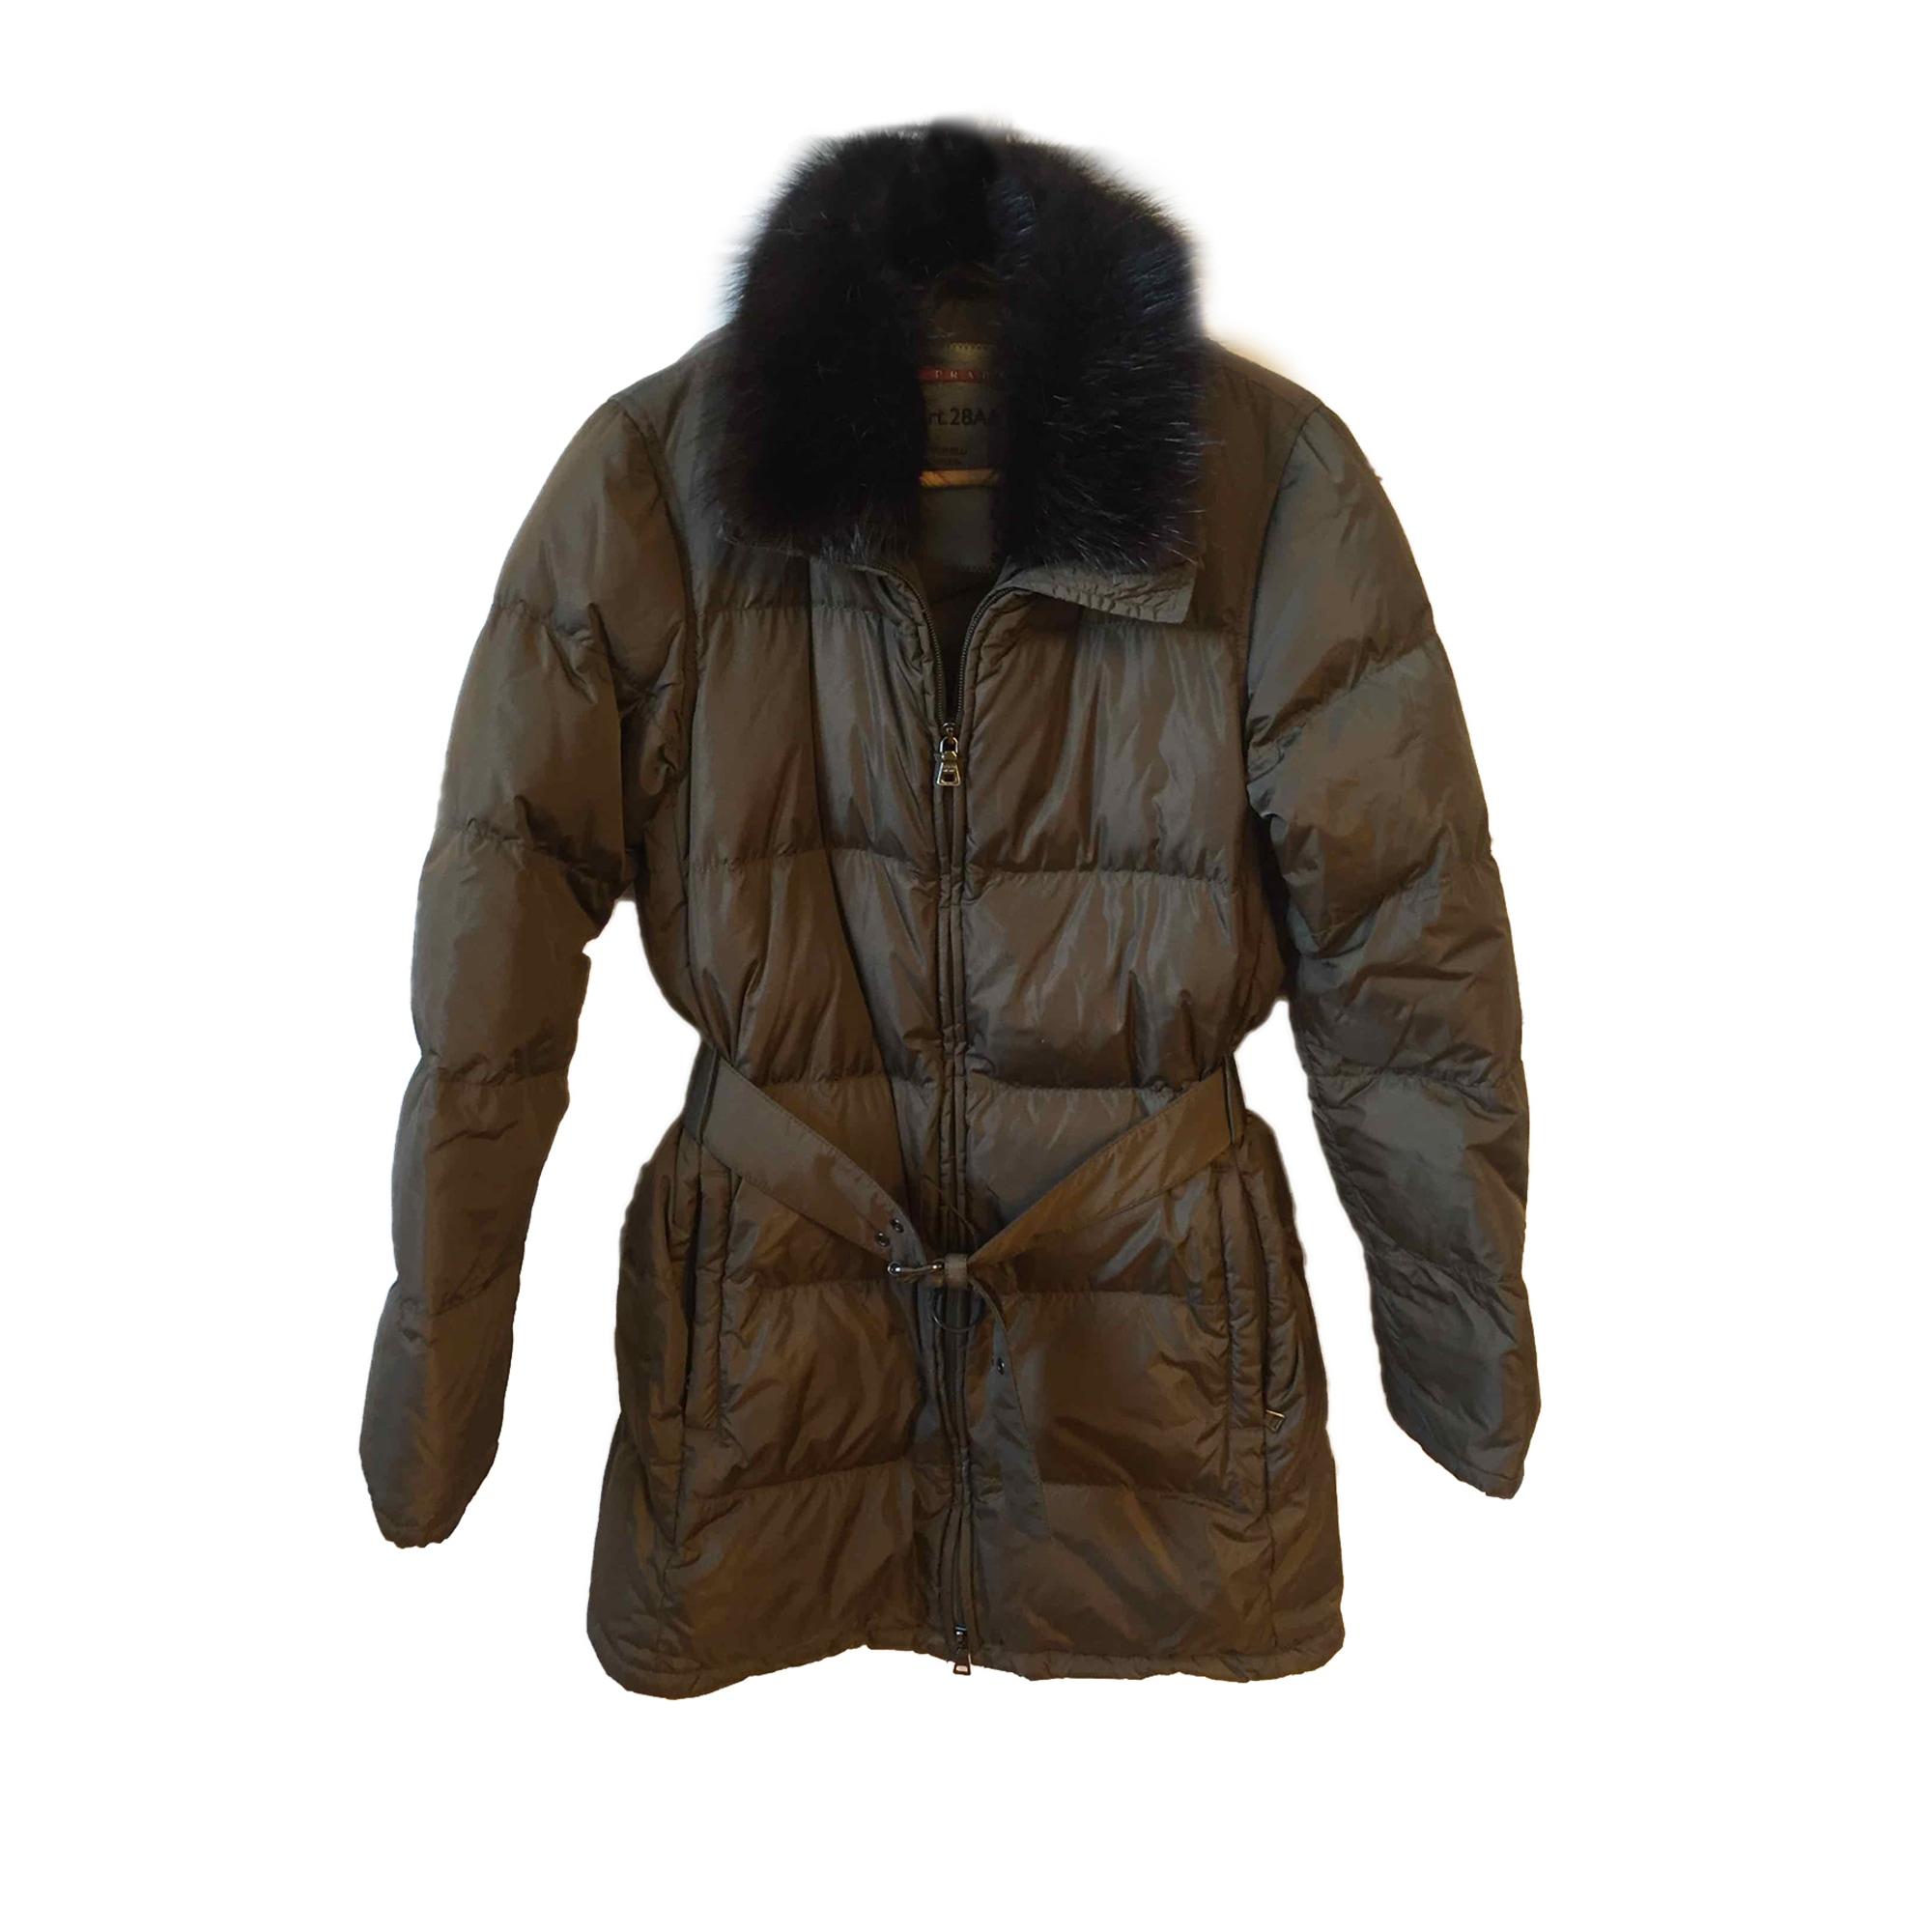 Doudoune PRADA 38 (M, T2) kaki vendu par Closet2closet - 7492171 69c3d285158